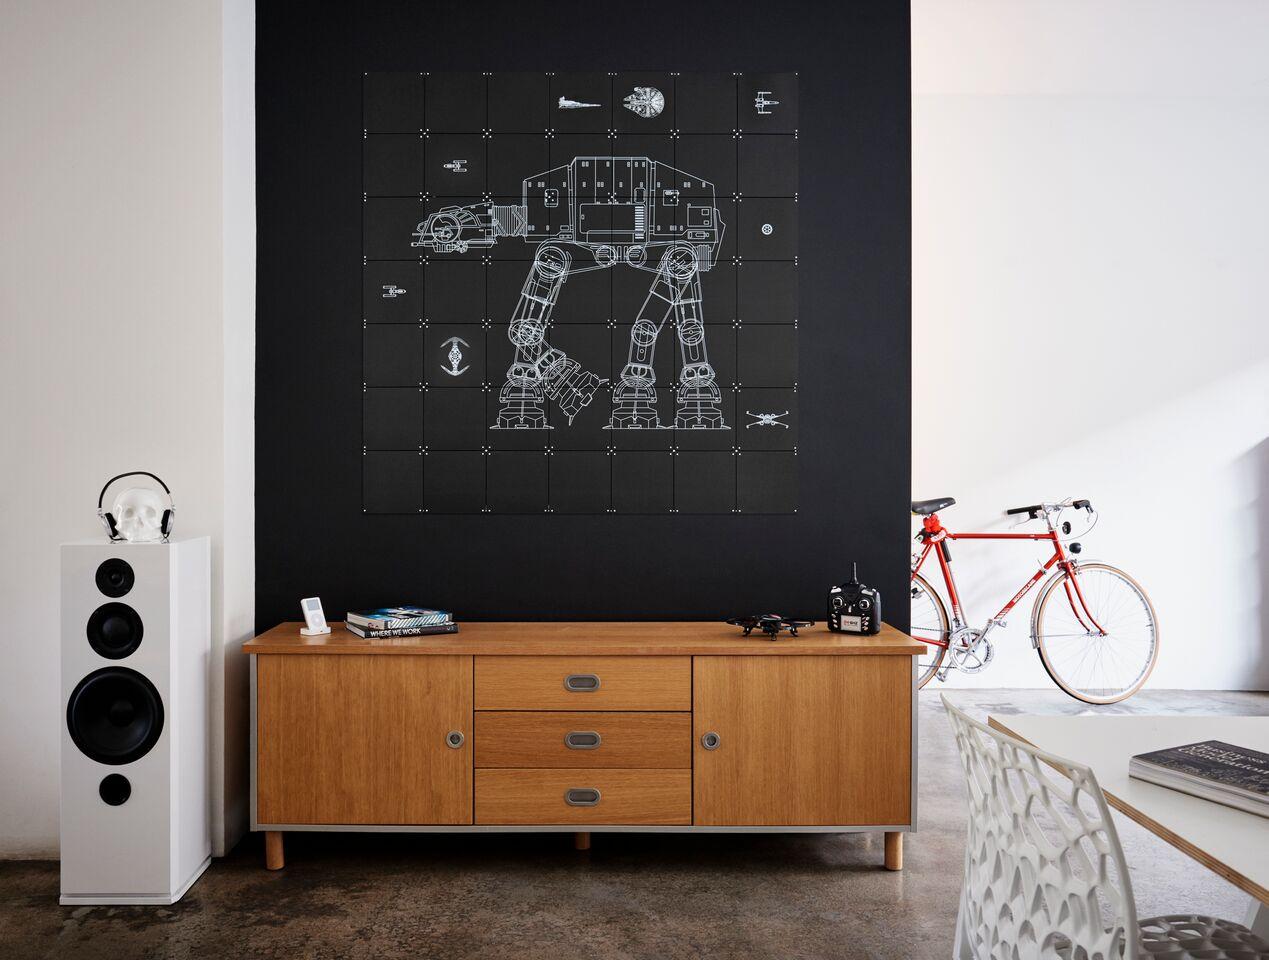 Gwiezdne wojny na plakacie